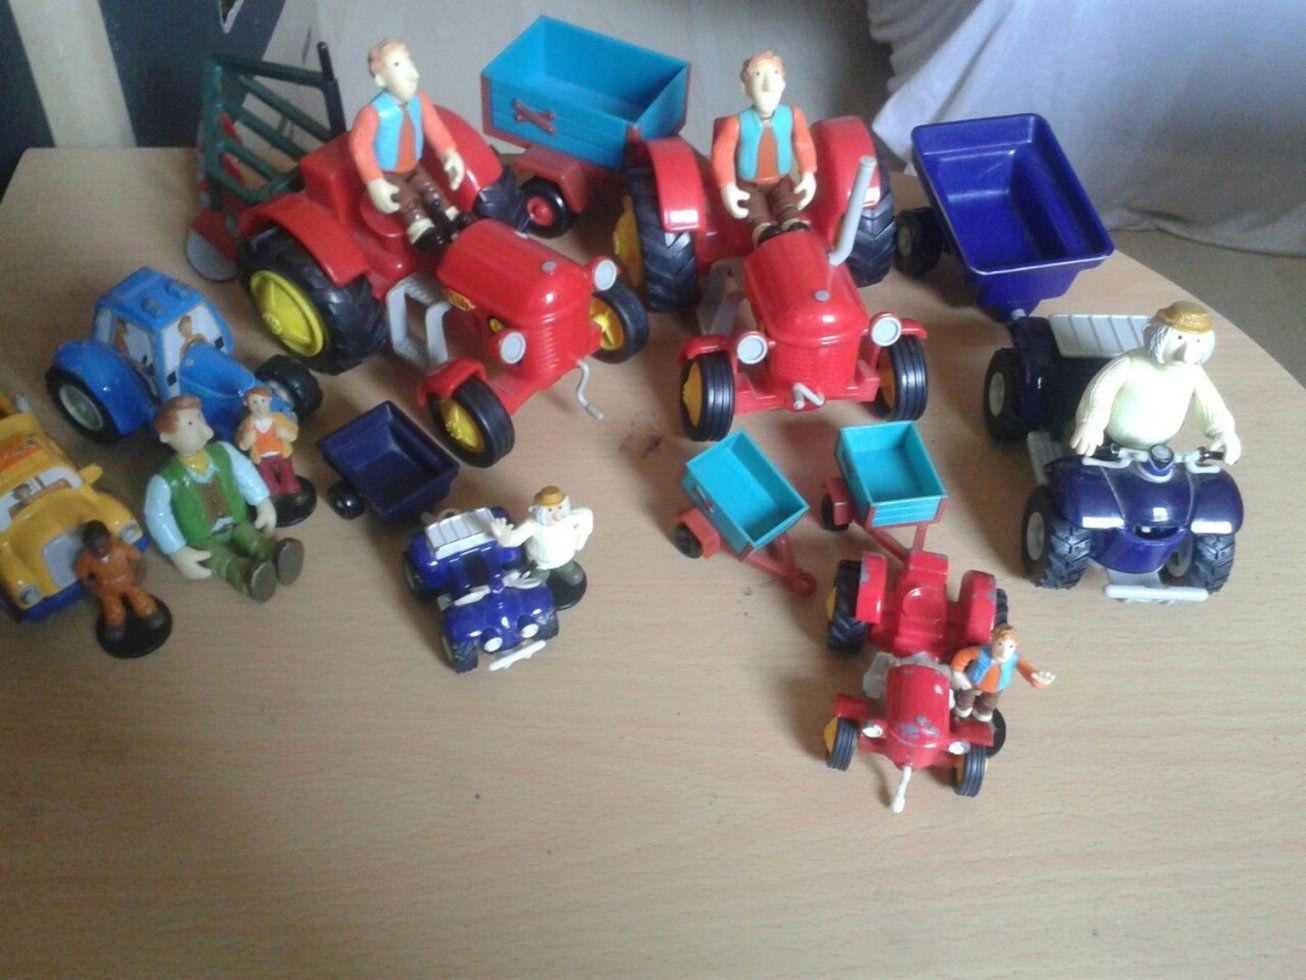 Gebraucht Kleiner Roter Traktor Spielzeug In 70736 Fellbach Um von Bettwäsche Kleiner Roter Traktor Photo